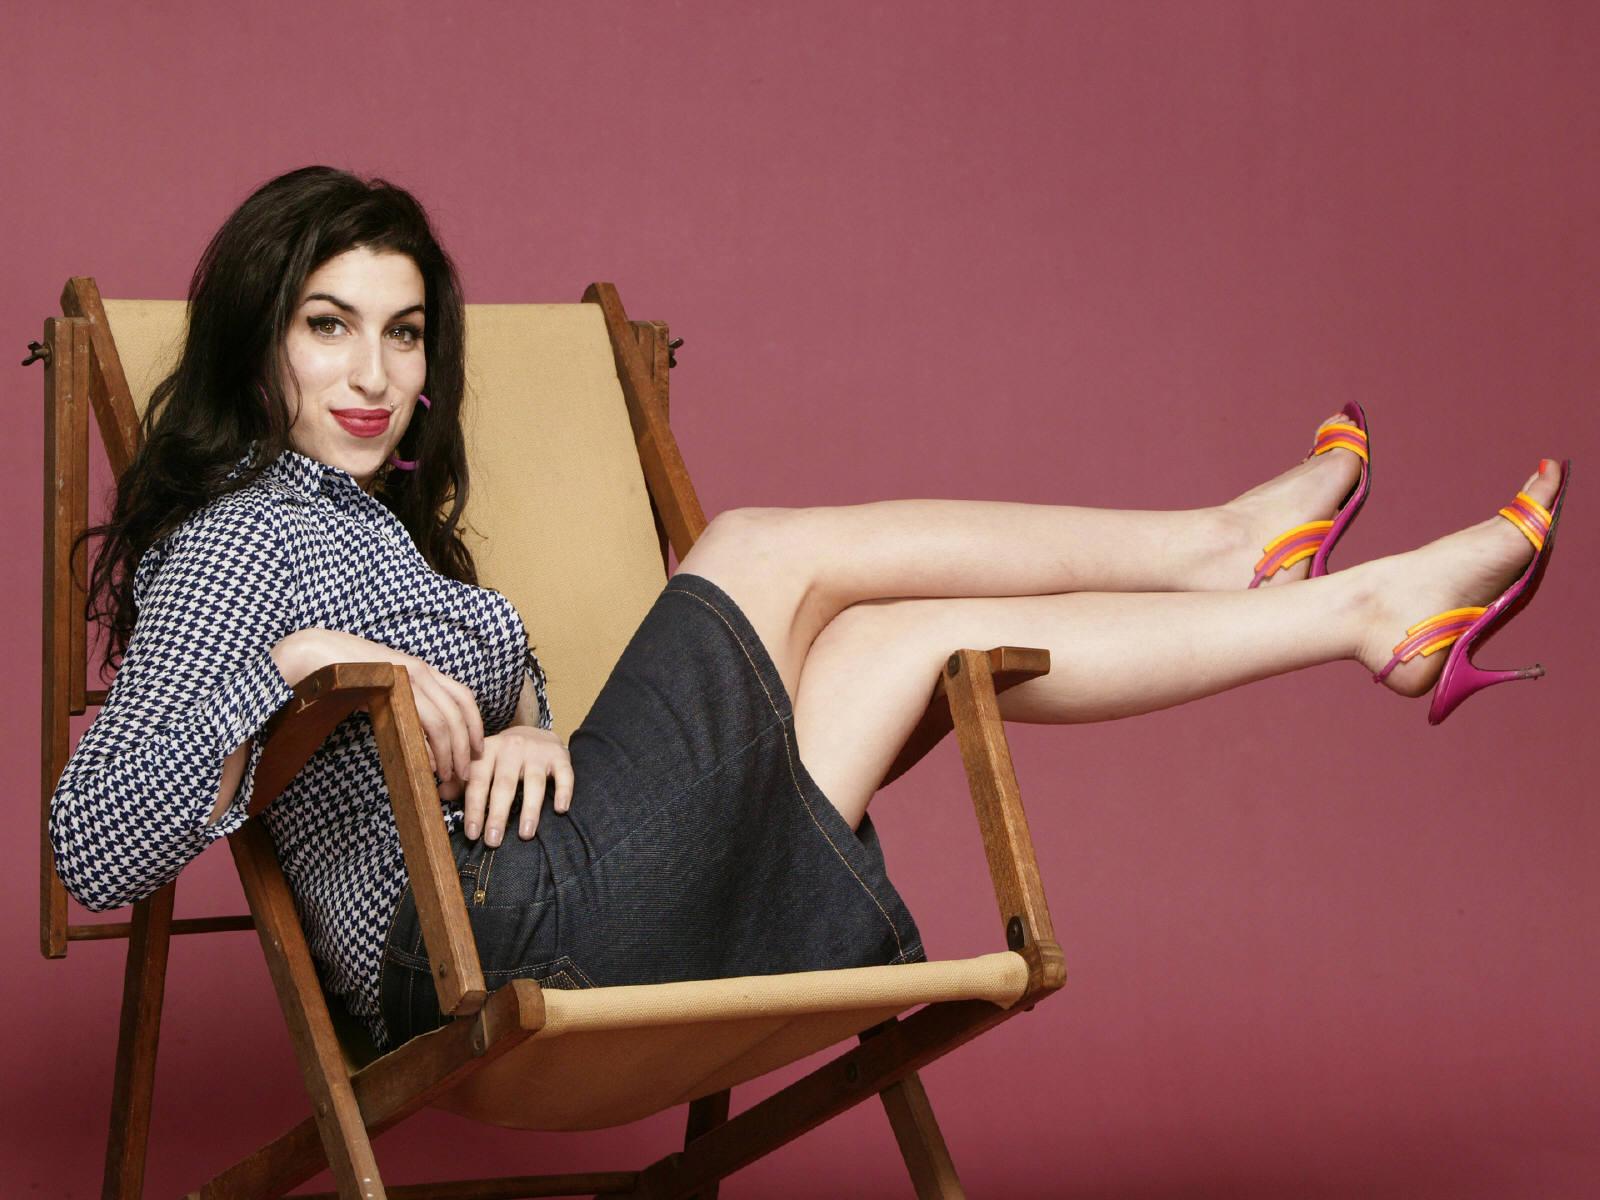 http://1.bp.blogspot.com/-MvwYjc5Nlmo/Tiyh6Vfmm7I/AAAAAAAAAdY/y8Vucl5e0rA/s1600/Amy_Winehouse1.jpg